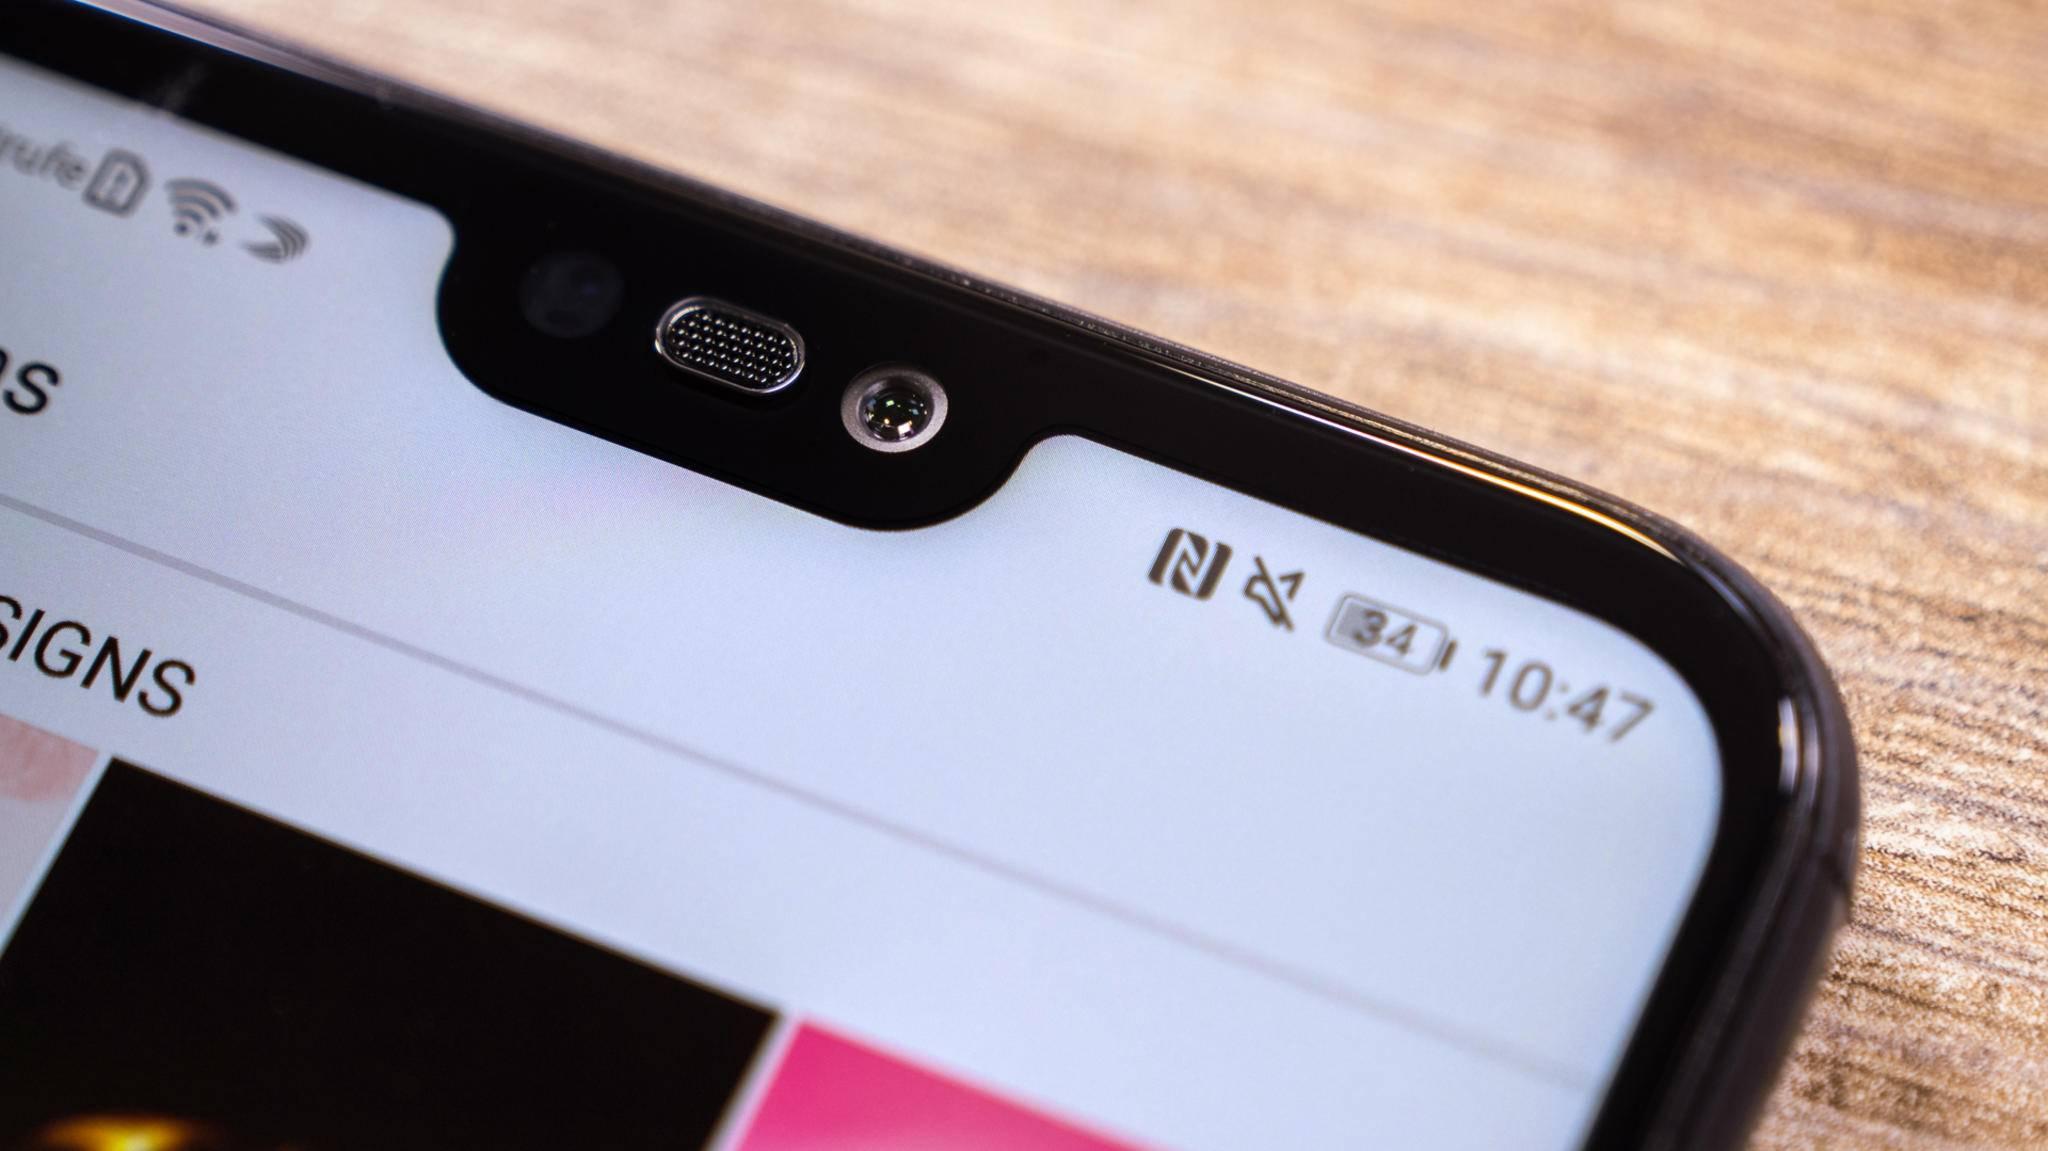 Die Notch der Huawei-P20-Serie ähnelt der des iPhone X.